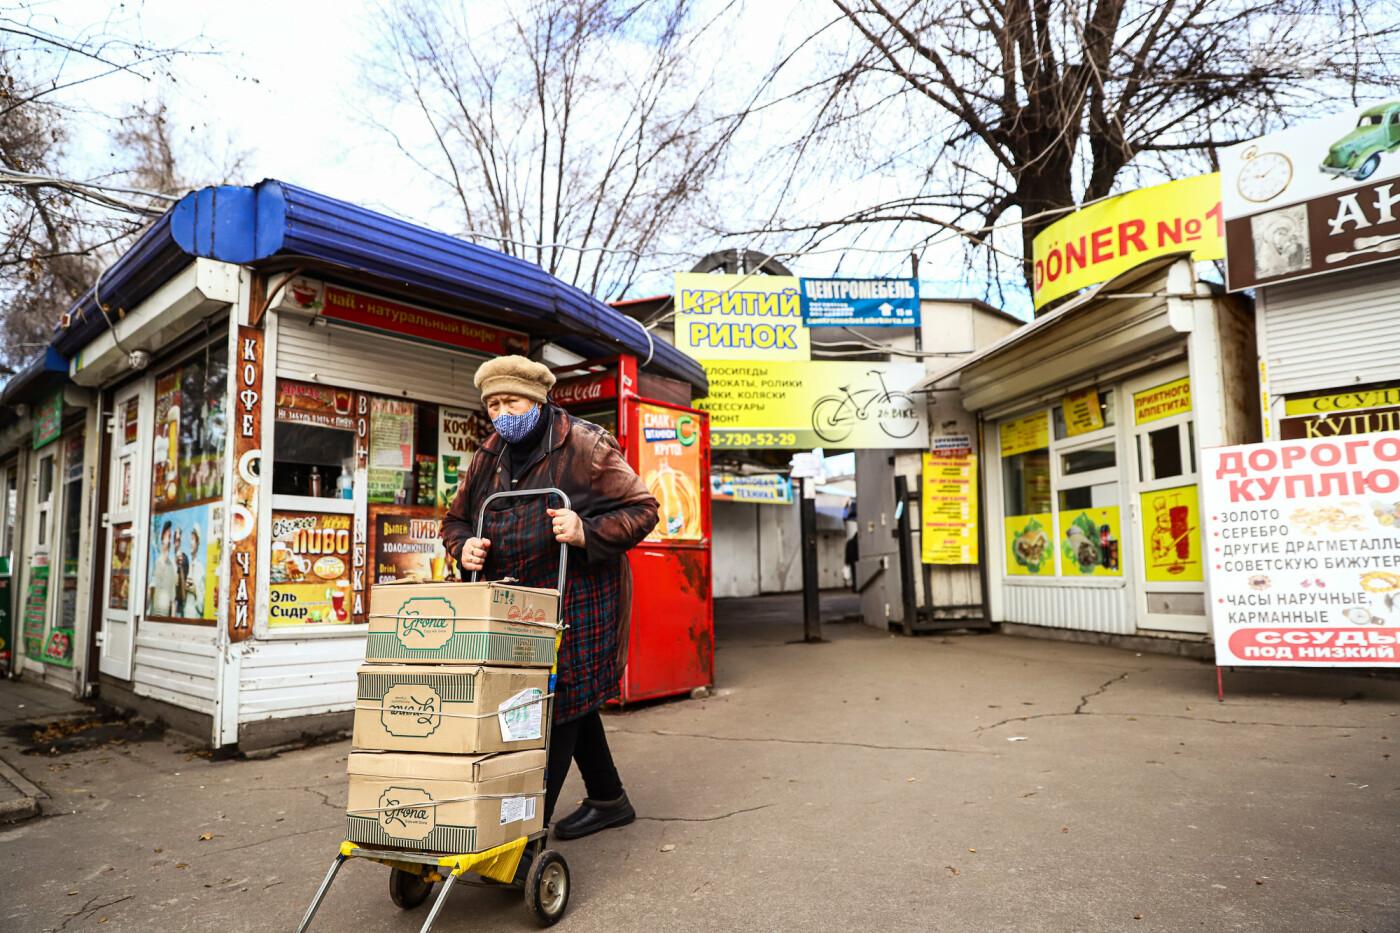 Защитные ленты на товарах, неработающие ТРЦ и полузакрытые рынки – фоторепортаж о первом дне локдауна в Запорожье, фото-16